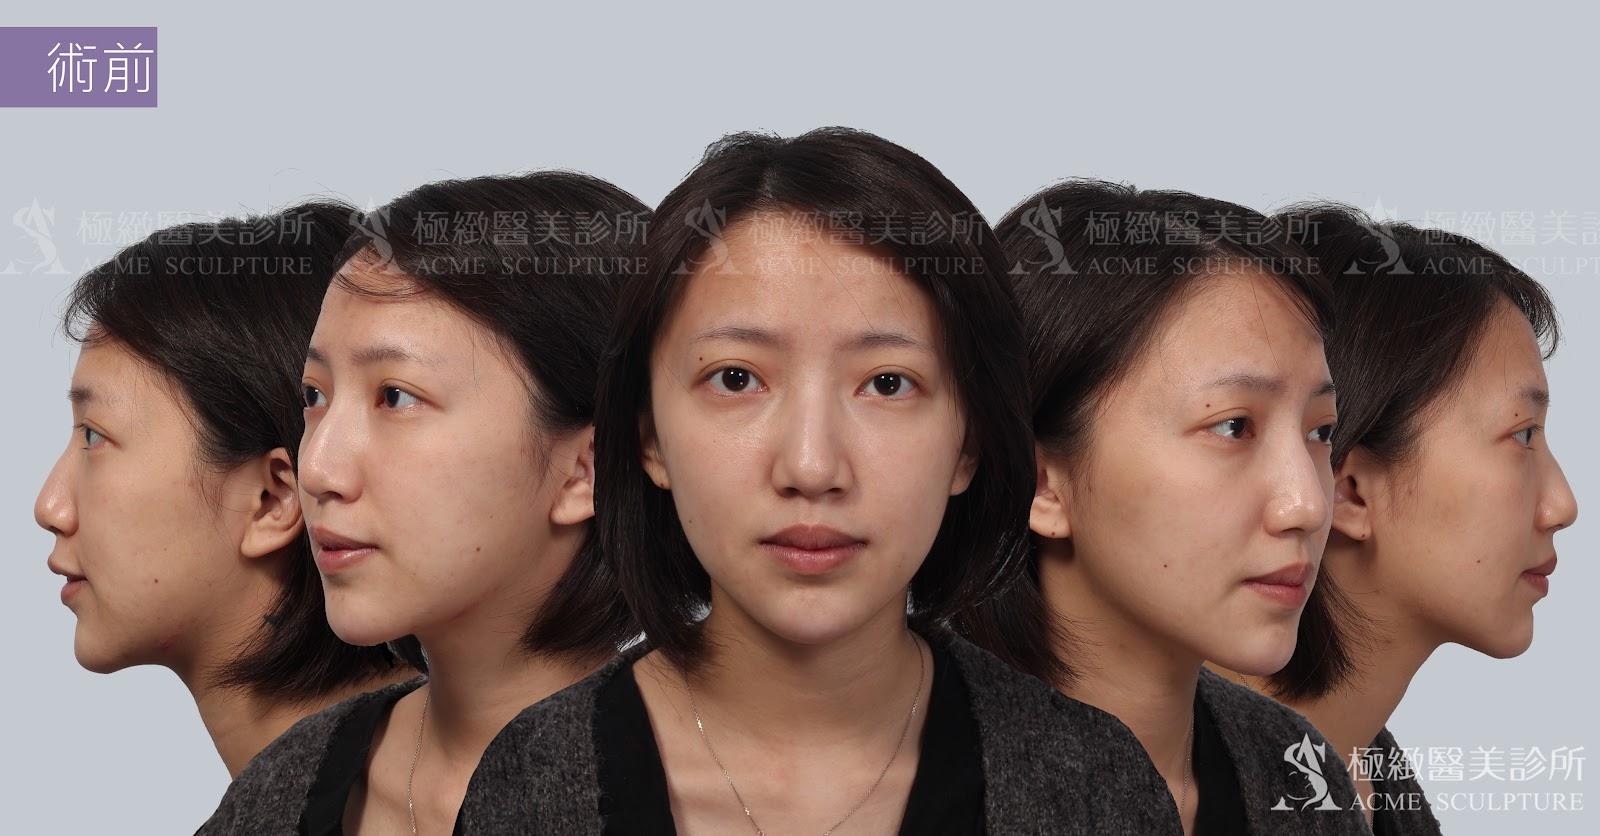 結構式隆鼻與敲鼻骨全方位成果檢視